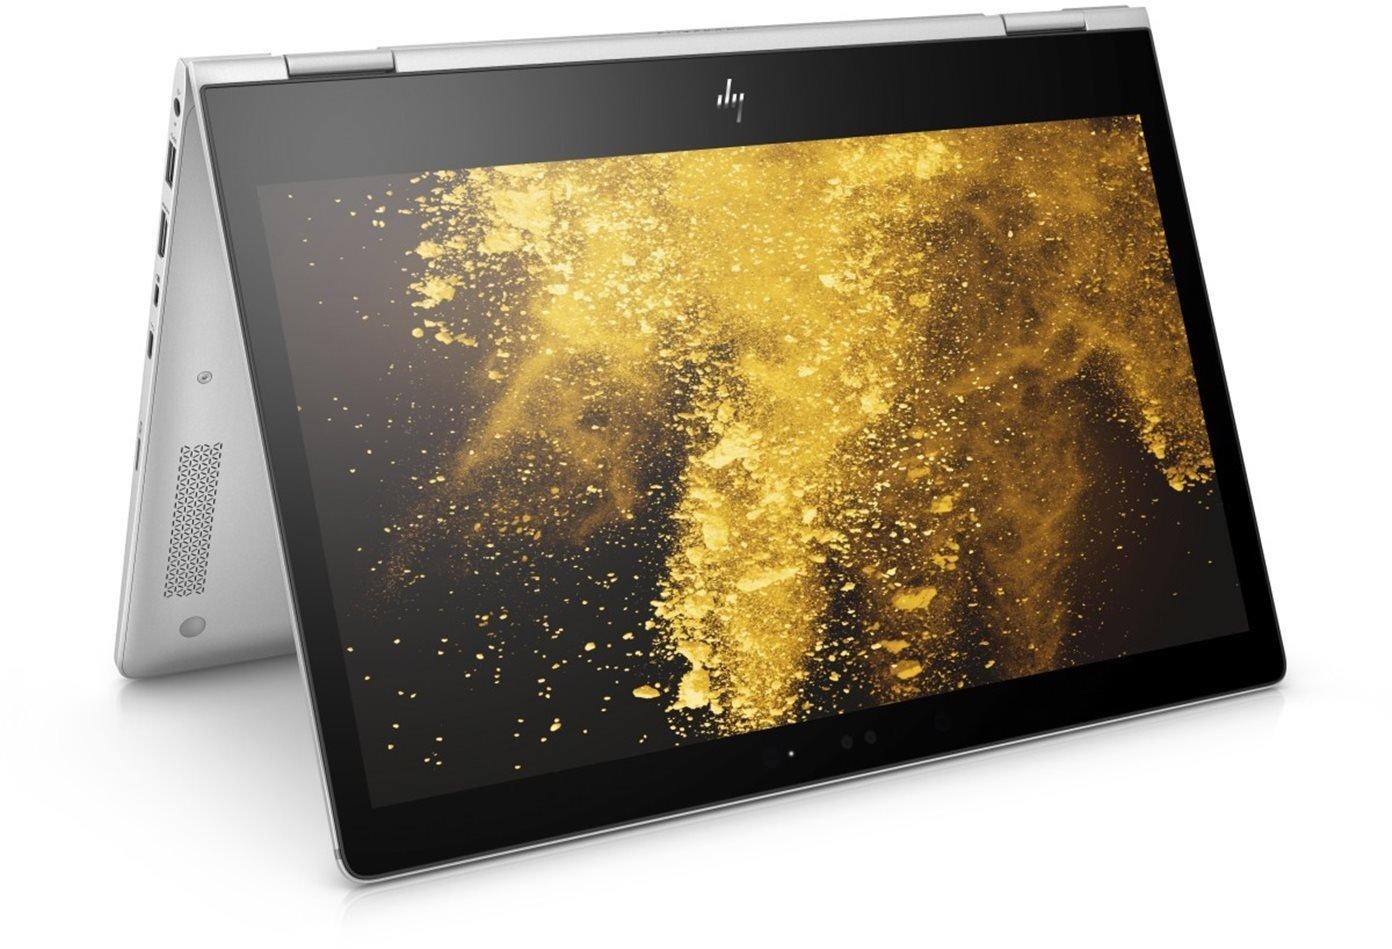 Hp EliteBook 1030 G2